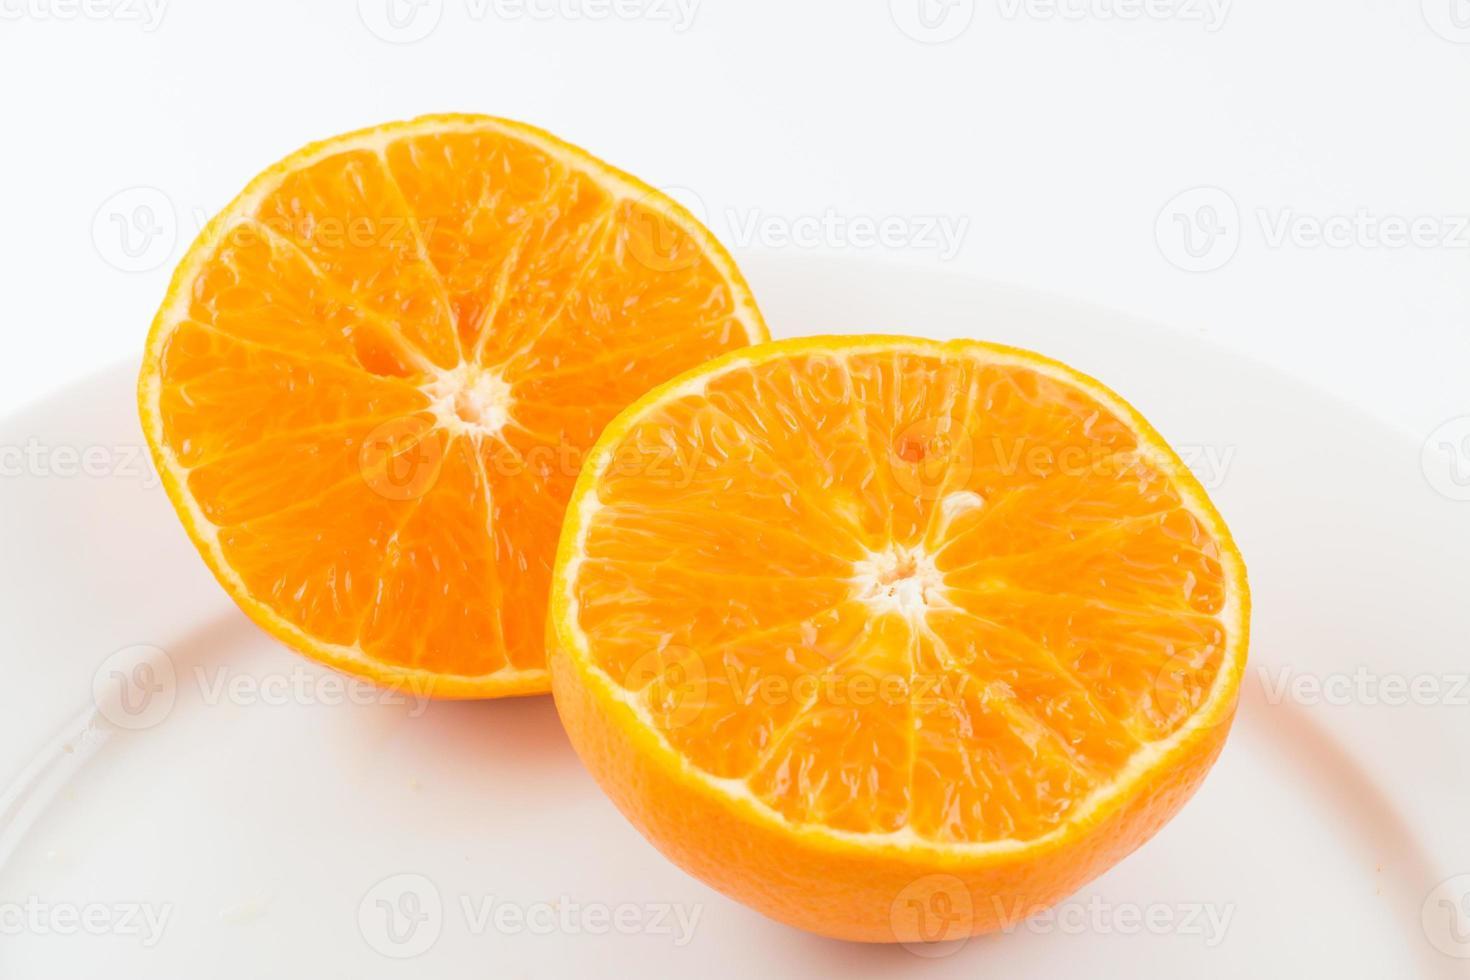 halv orange frukt på vit bakgrund, färsk och saftig foto